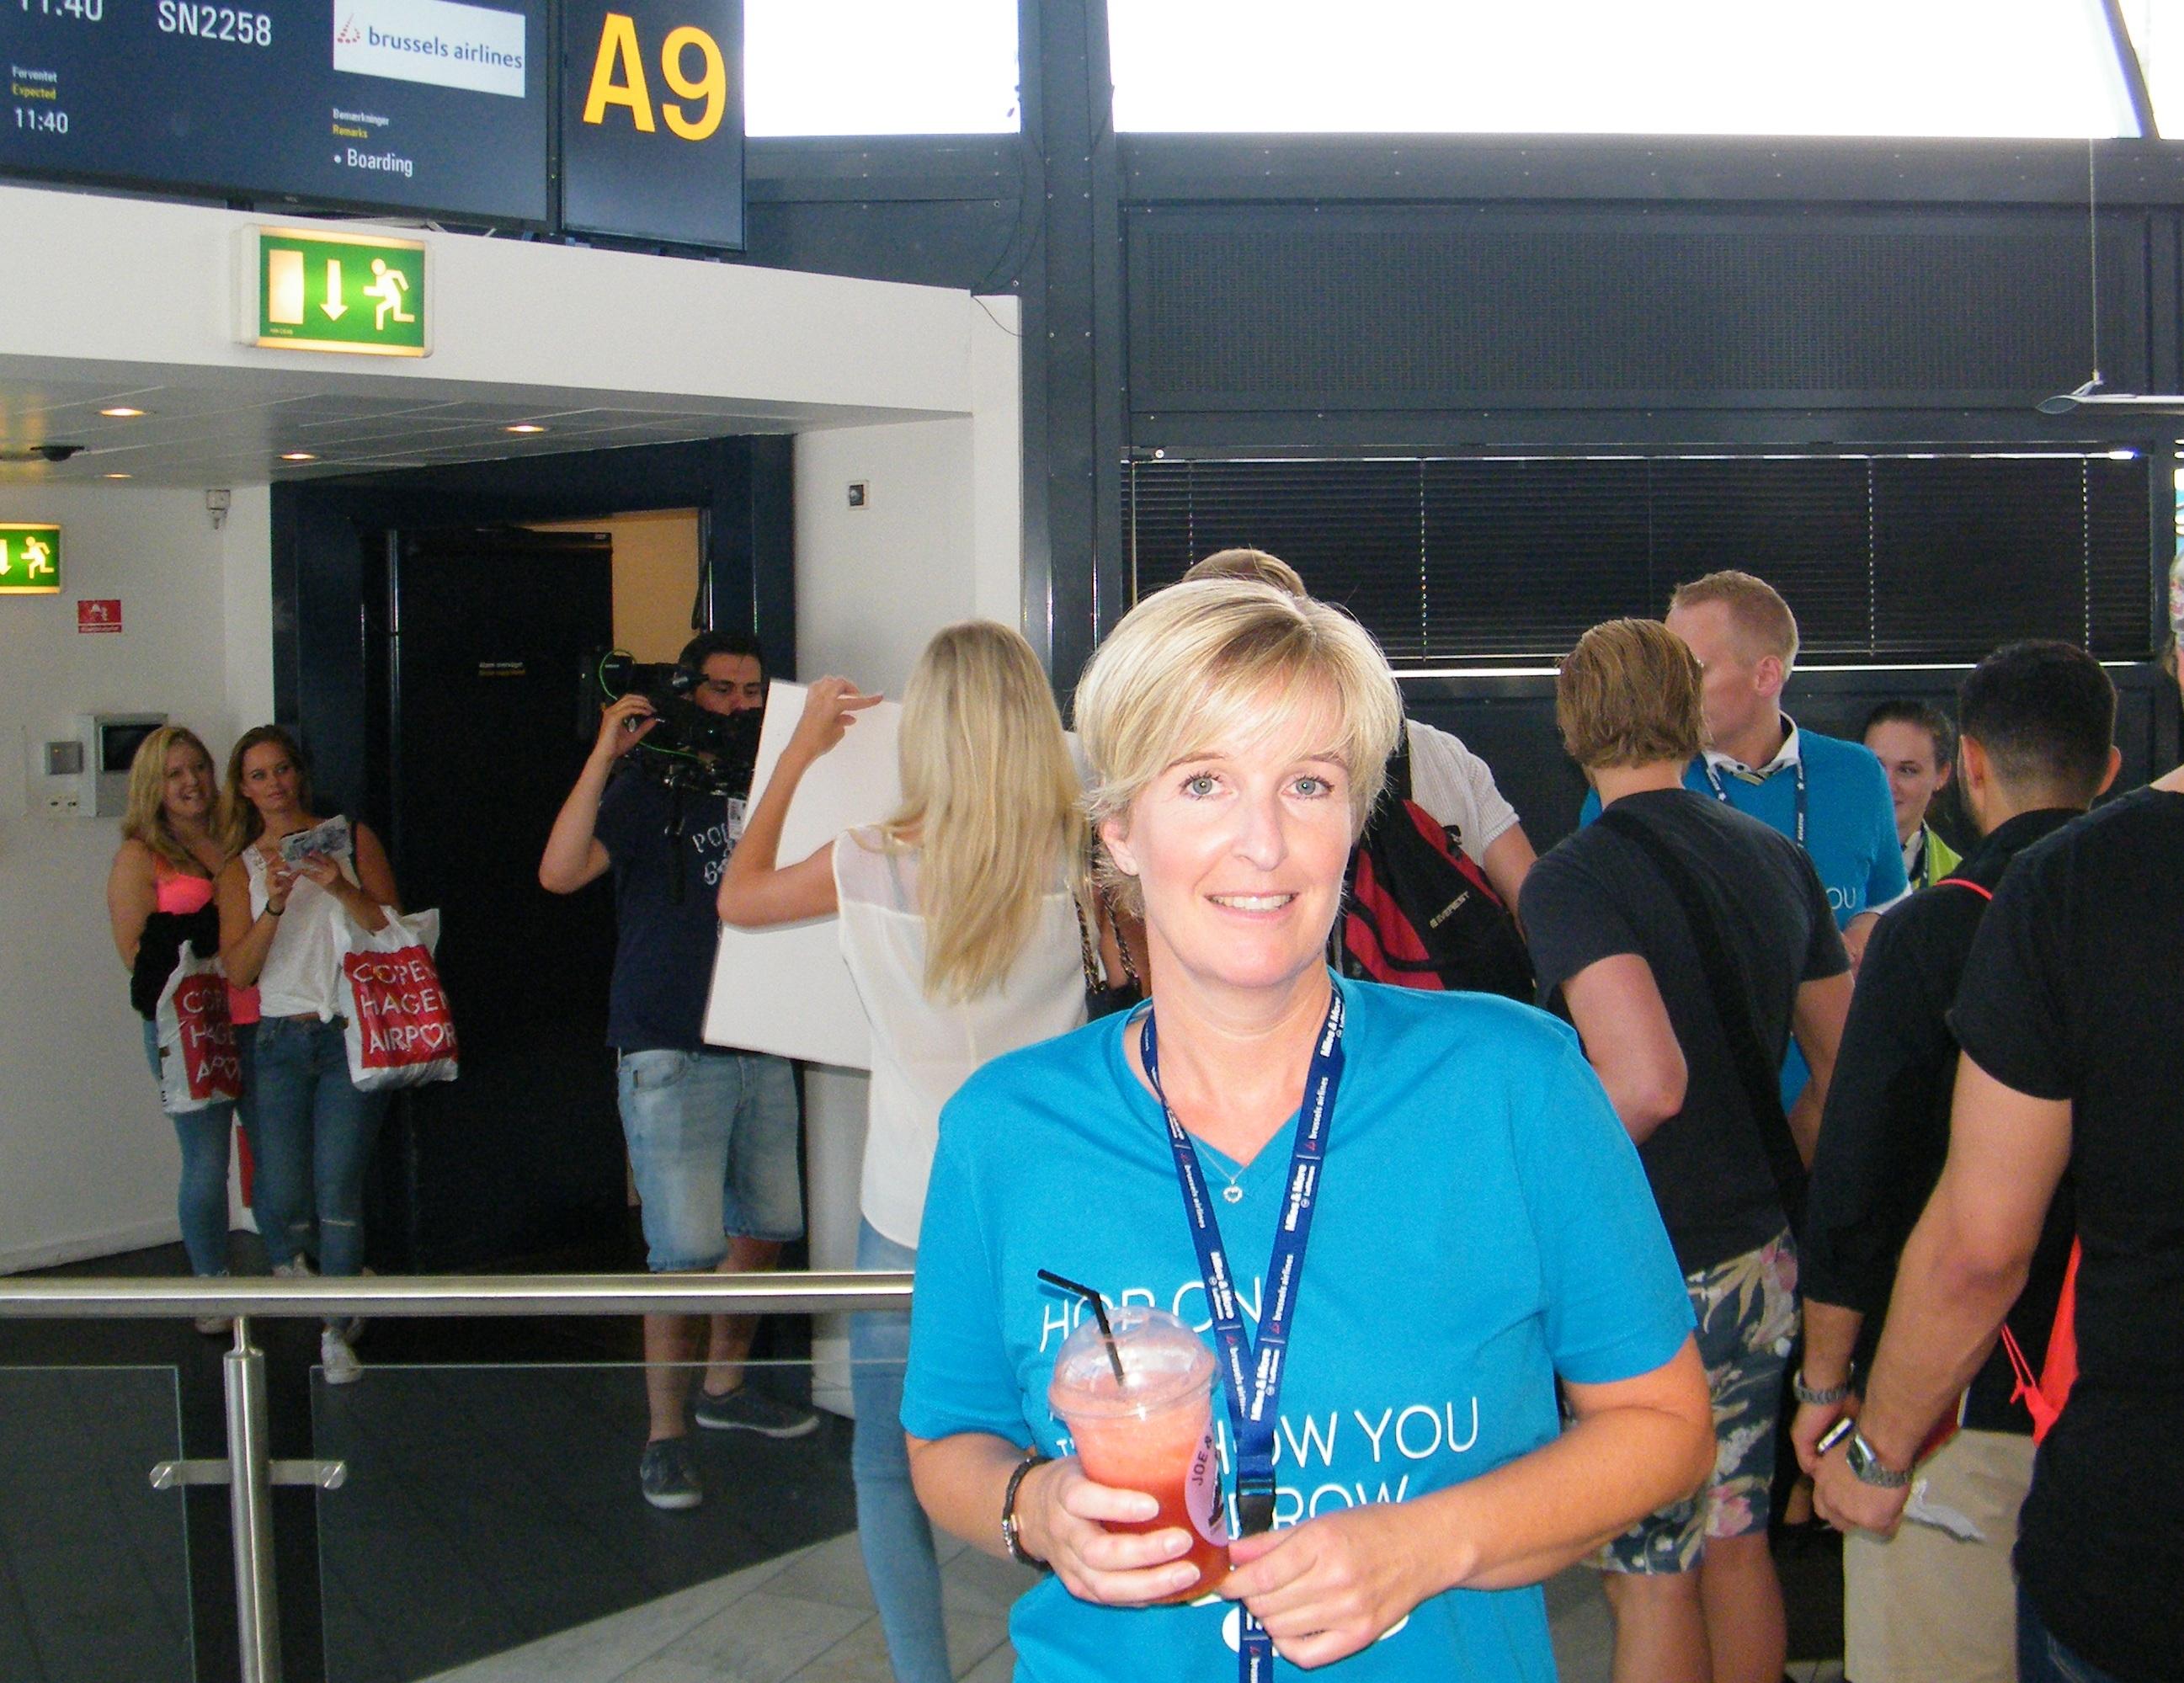 Helle Lydum Pedersen stopper hos Brussels Airlines. Her arkivfoto fra 2016, hvor hun i Københavns Lufthavn var med til at sende unge musikalske gæster til Bruxelles og den gigantiske årlige Tomorrowland-teknofestival i Belgien med omkring 180.000 deltagere. Foto: Henrik Baumgarten.